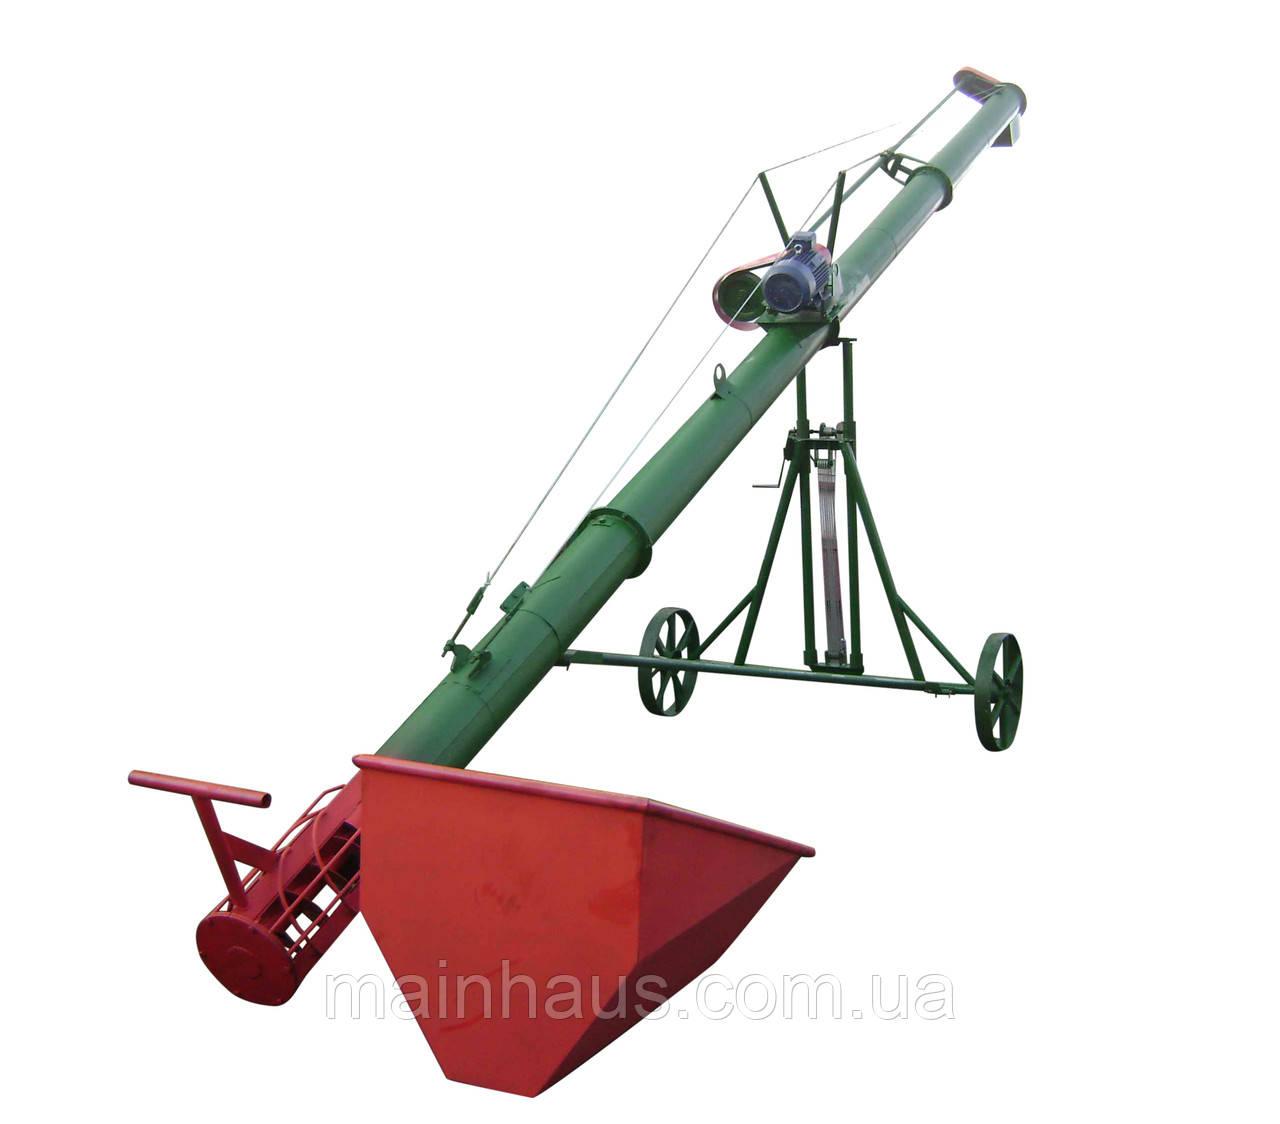 Погрузчик шнековый зерновой 200*7500*380